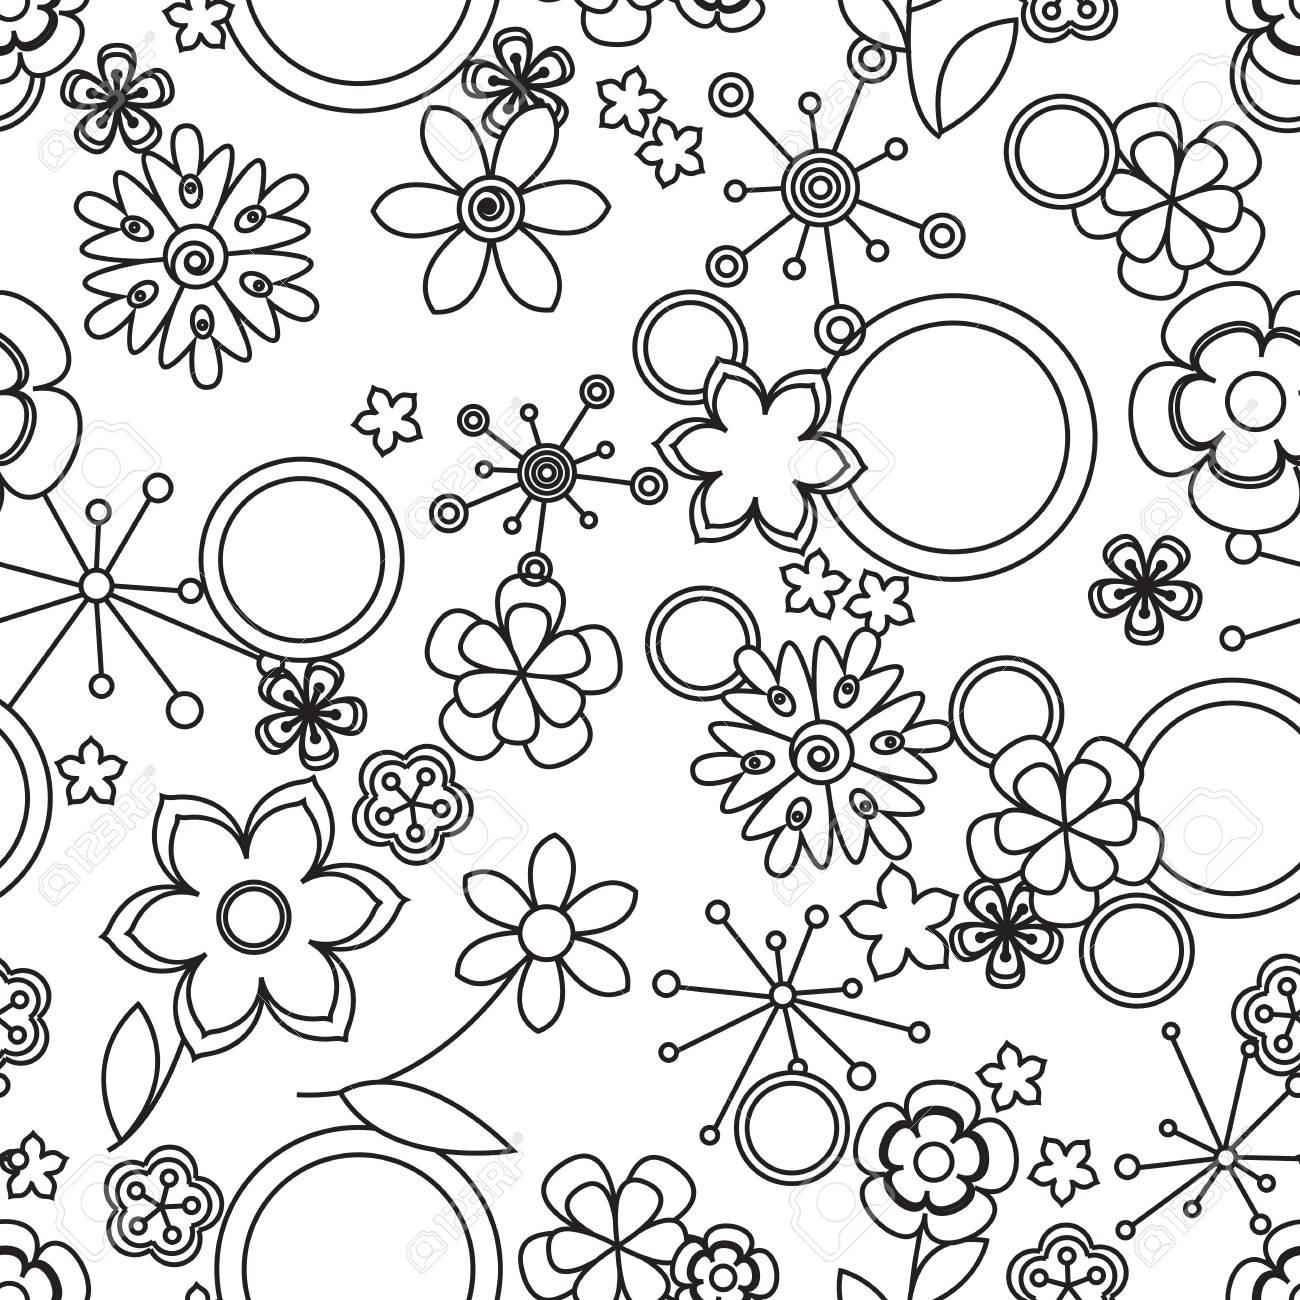 Asombroso Páginas Blancas Para Colorear Bosquejo - Dibujos Para ...